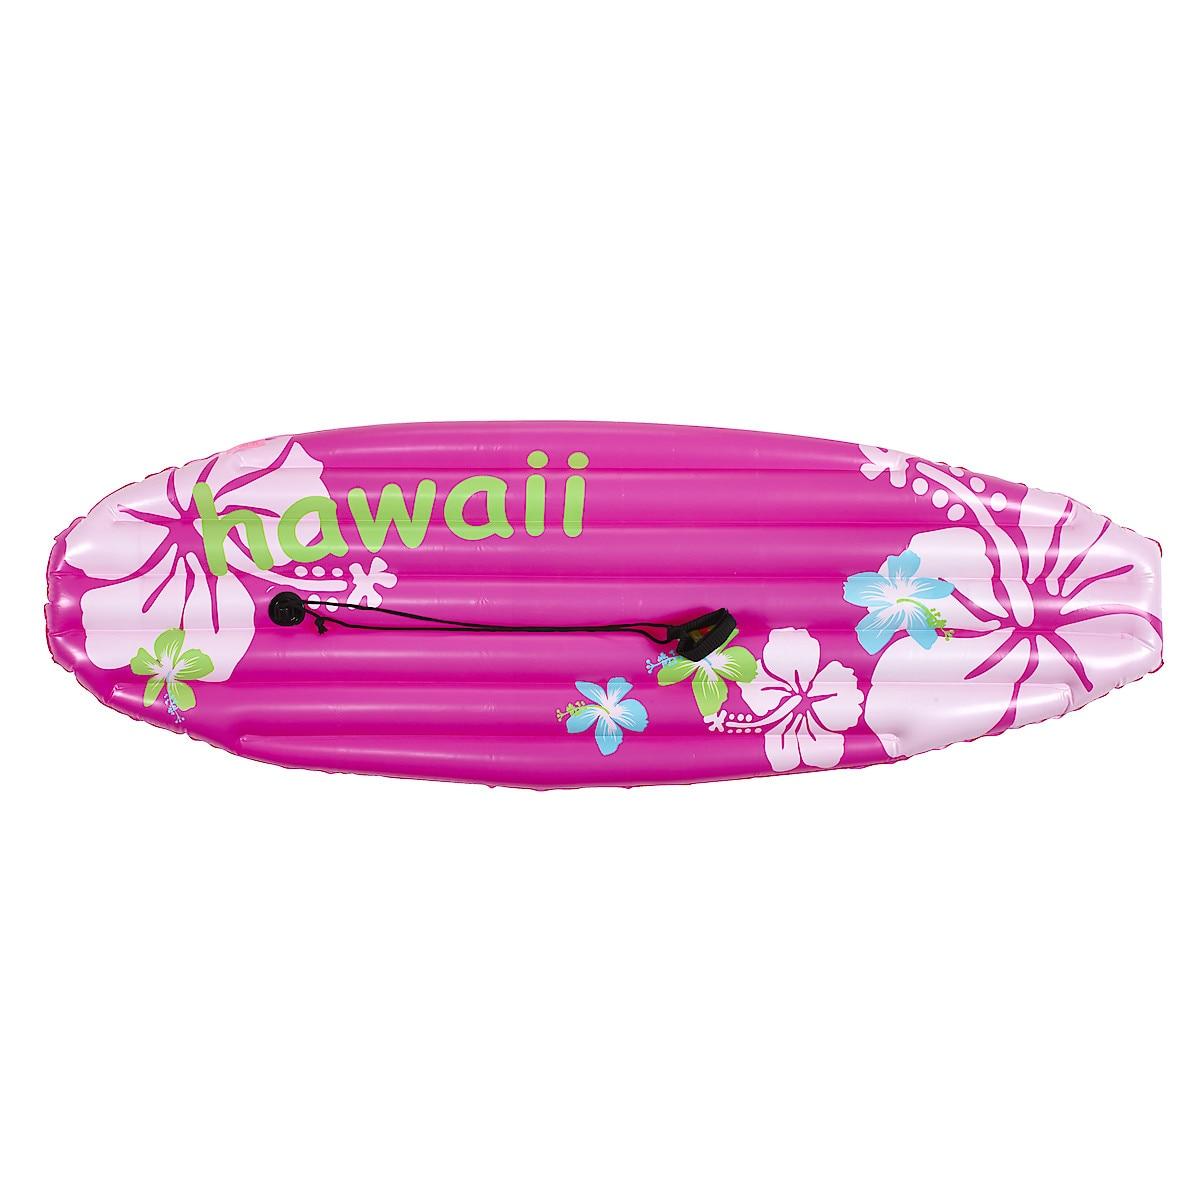 Badleksak surfbräda Proaqua